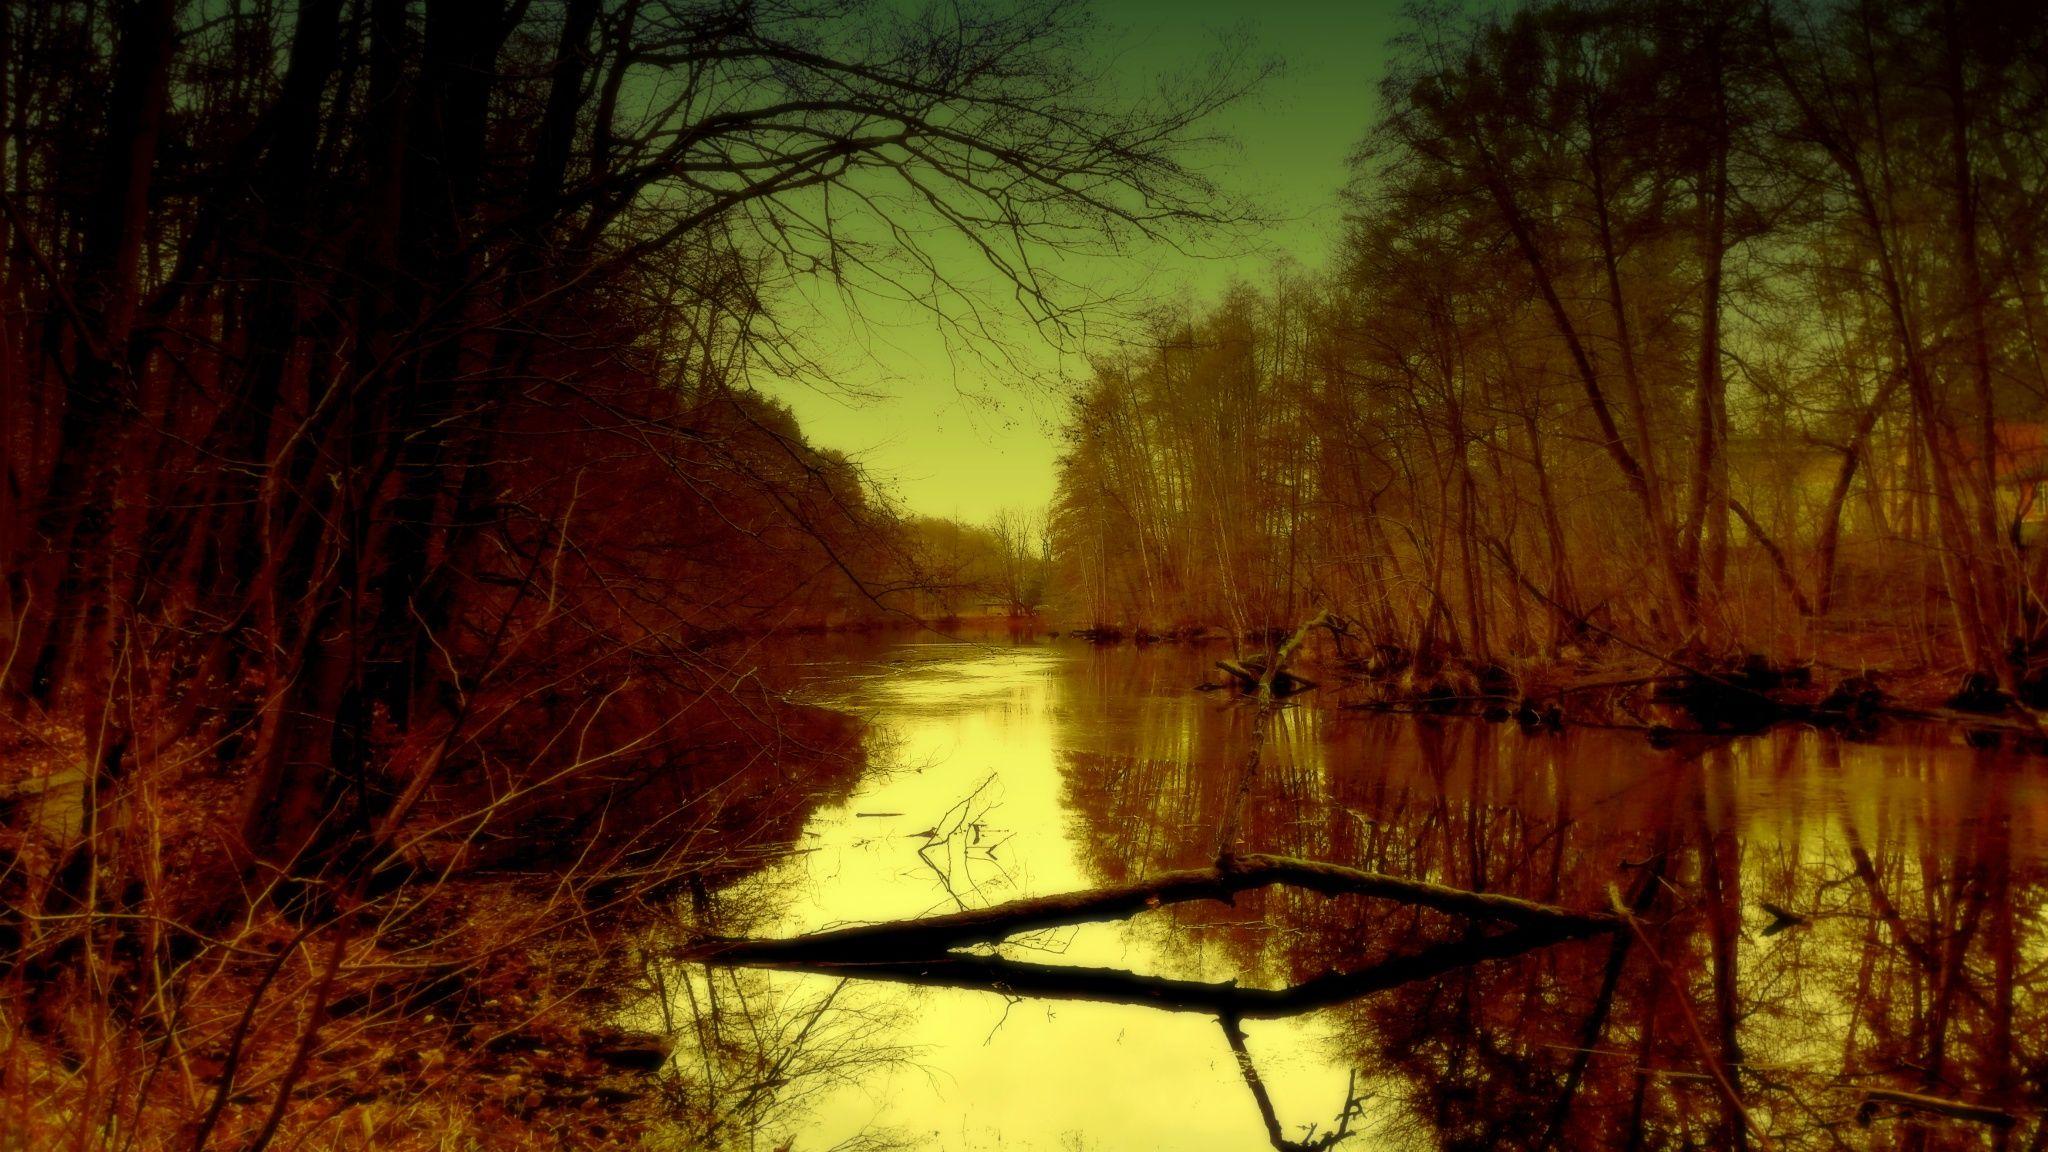 enchanted. by Salo Gwyn on 500px